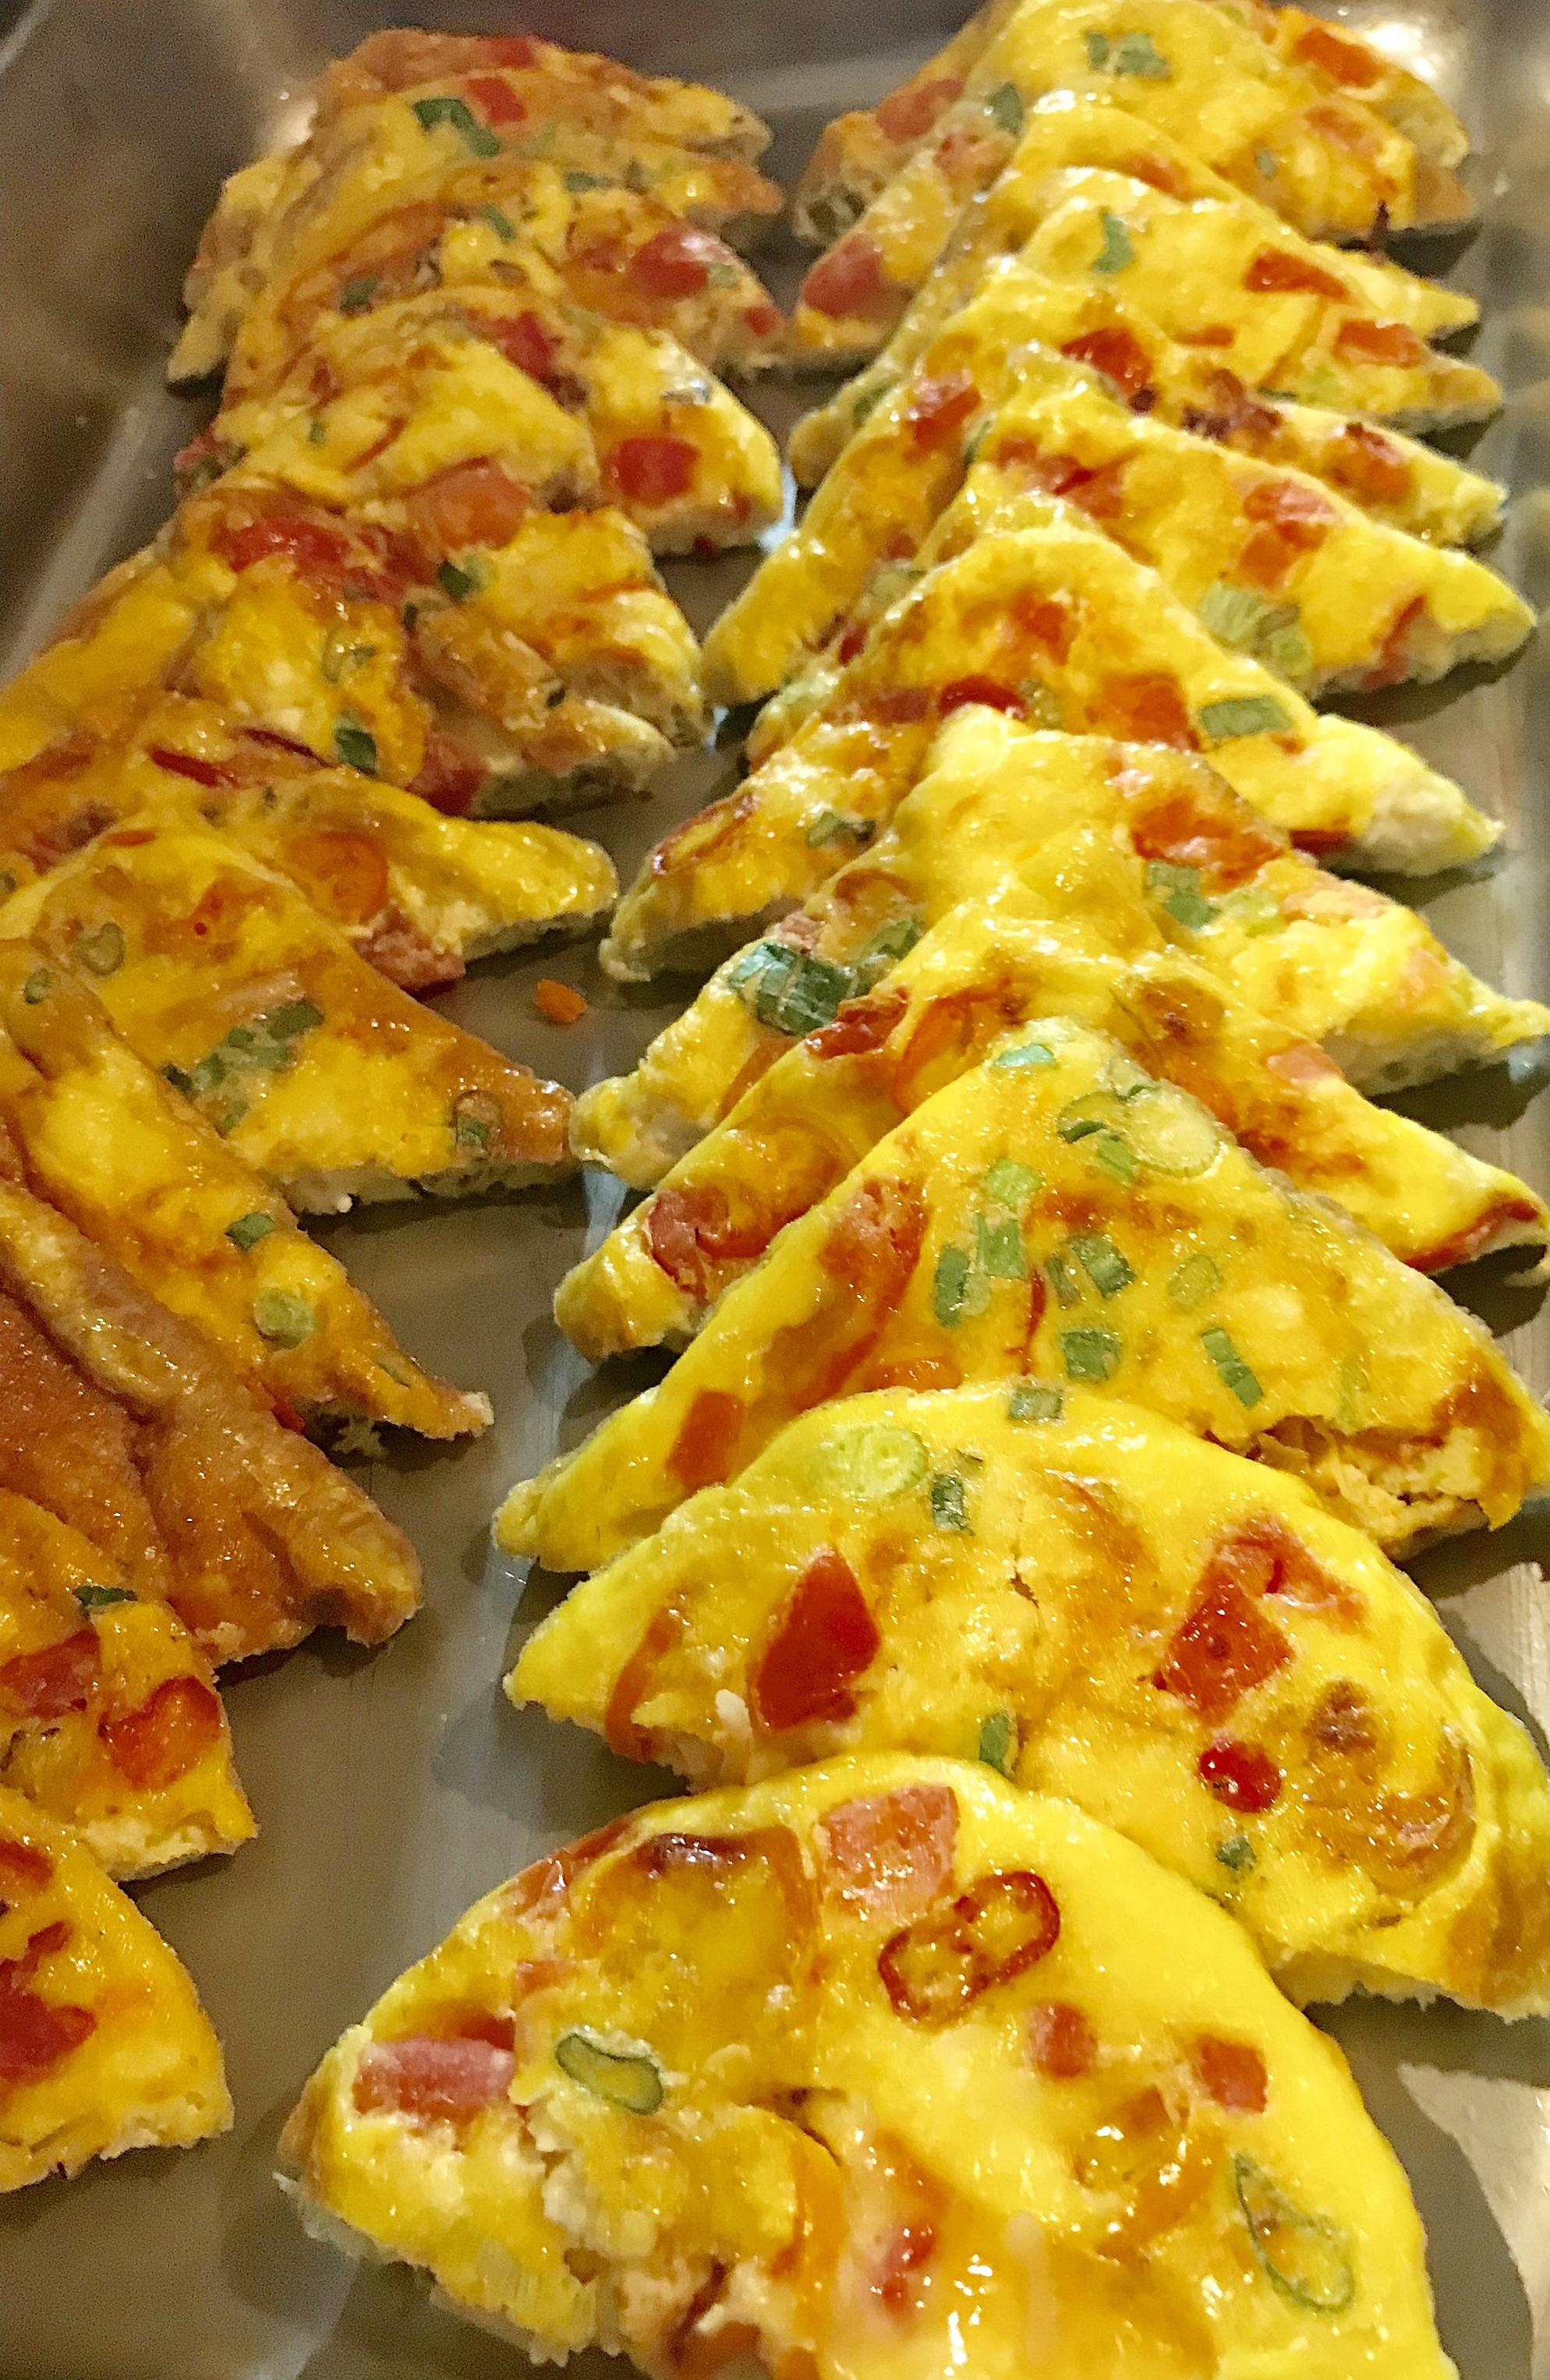 Frittta's were delish! @TheInnatSerenbe